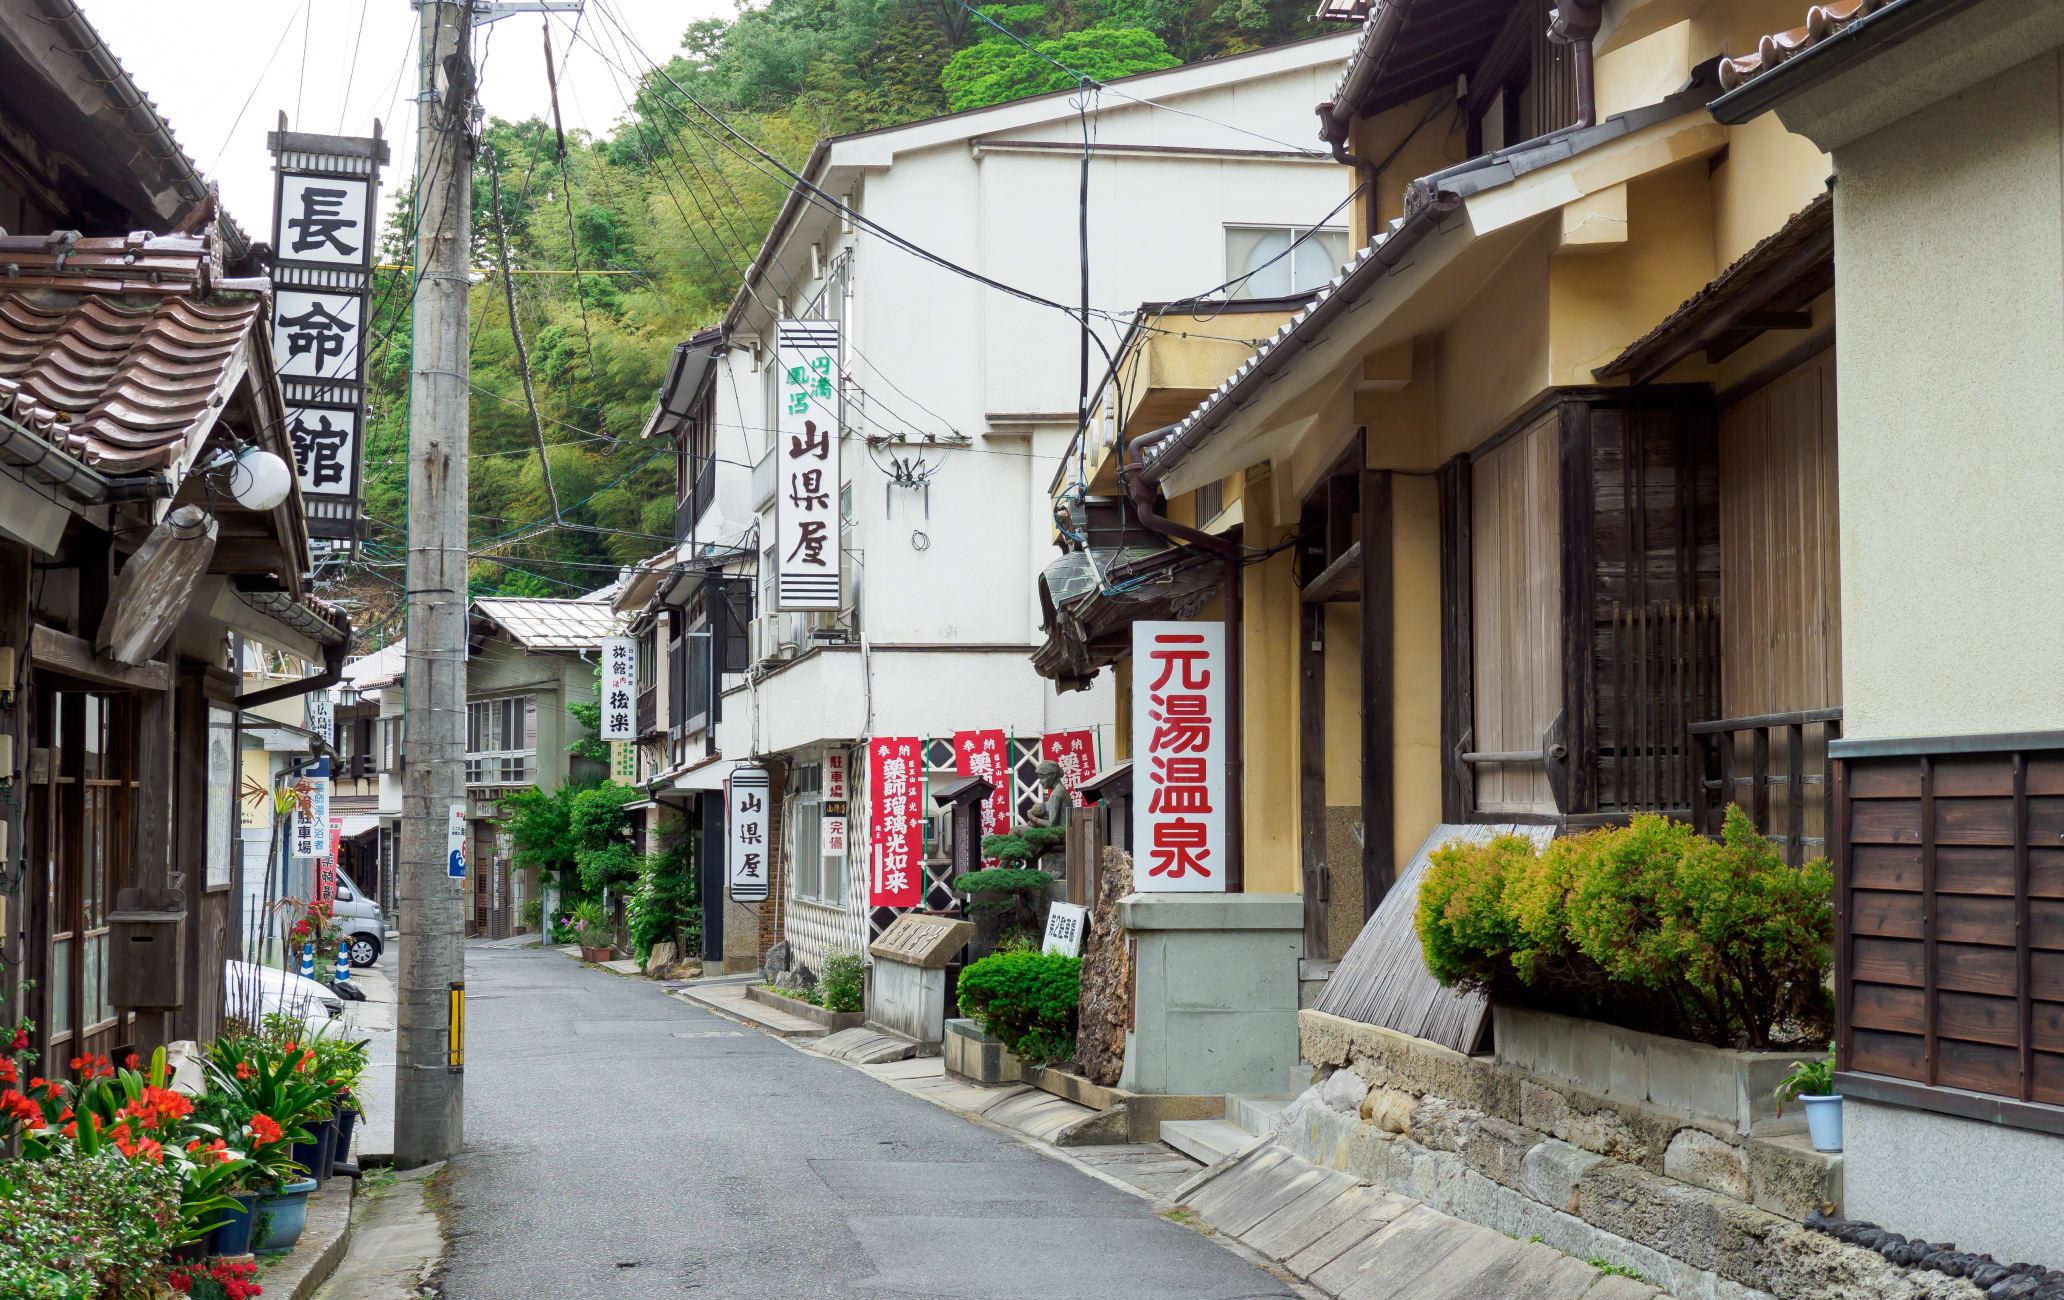 Yunotsu Onsen